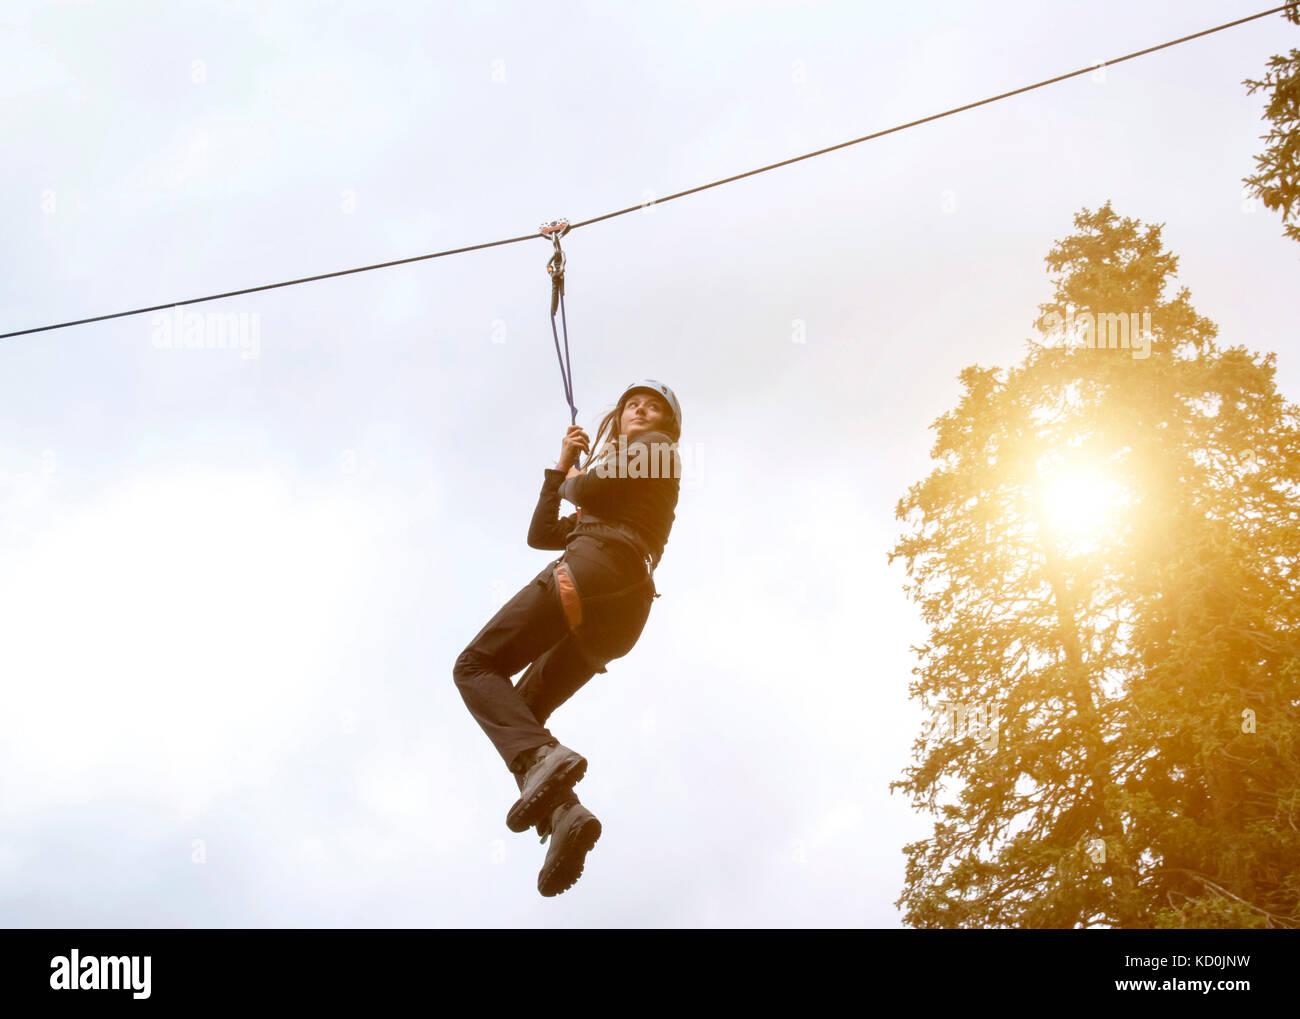 Ragazza adolescente sul filo zip Immagini Stock